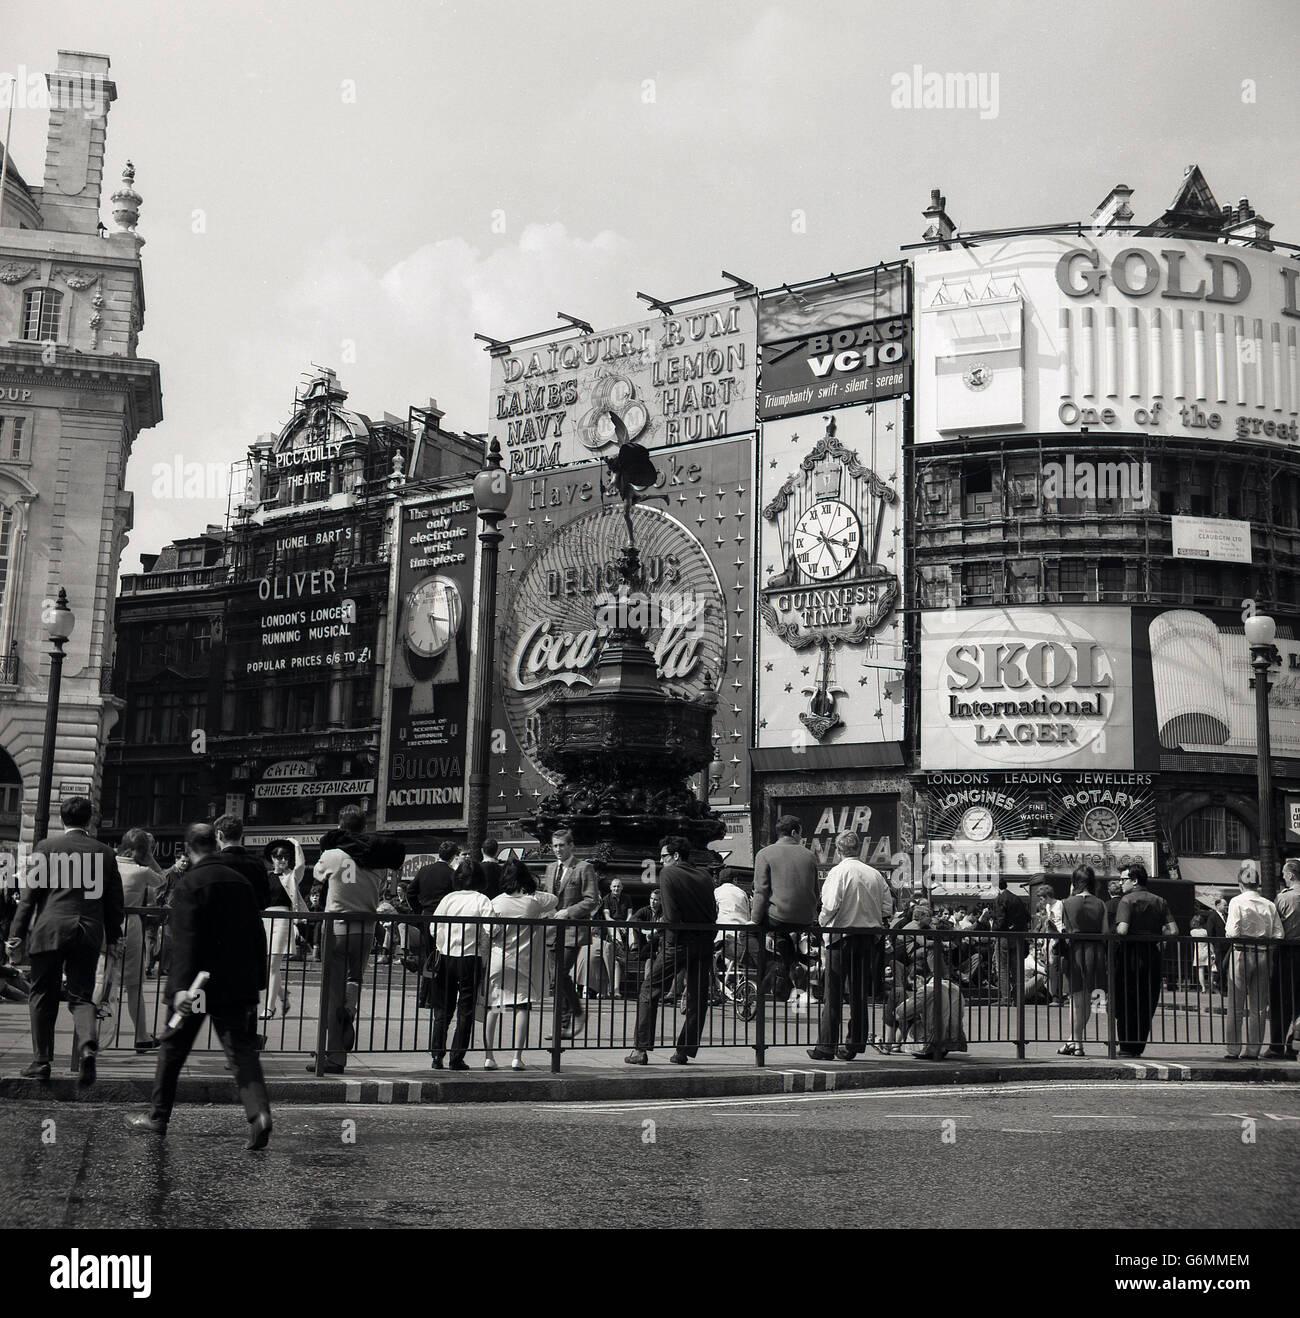 historische Ansicht des Piccadilly Circus, London, England der 1950er Jahre. Stockbild